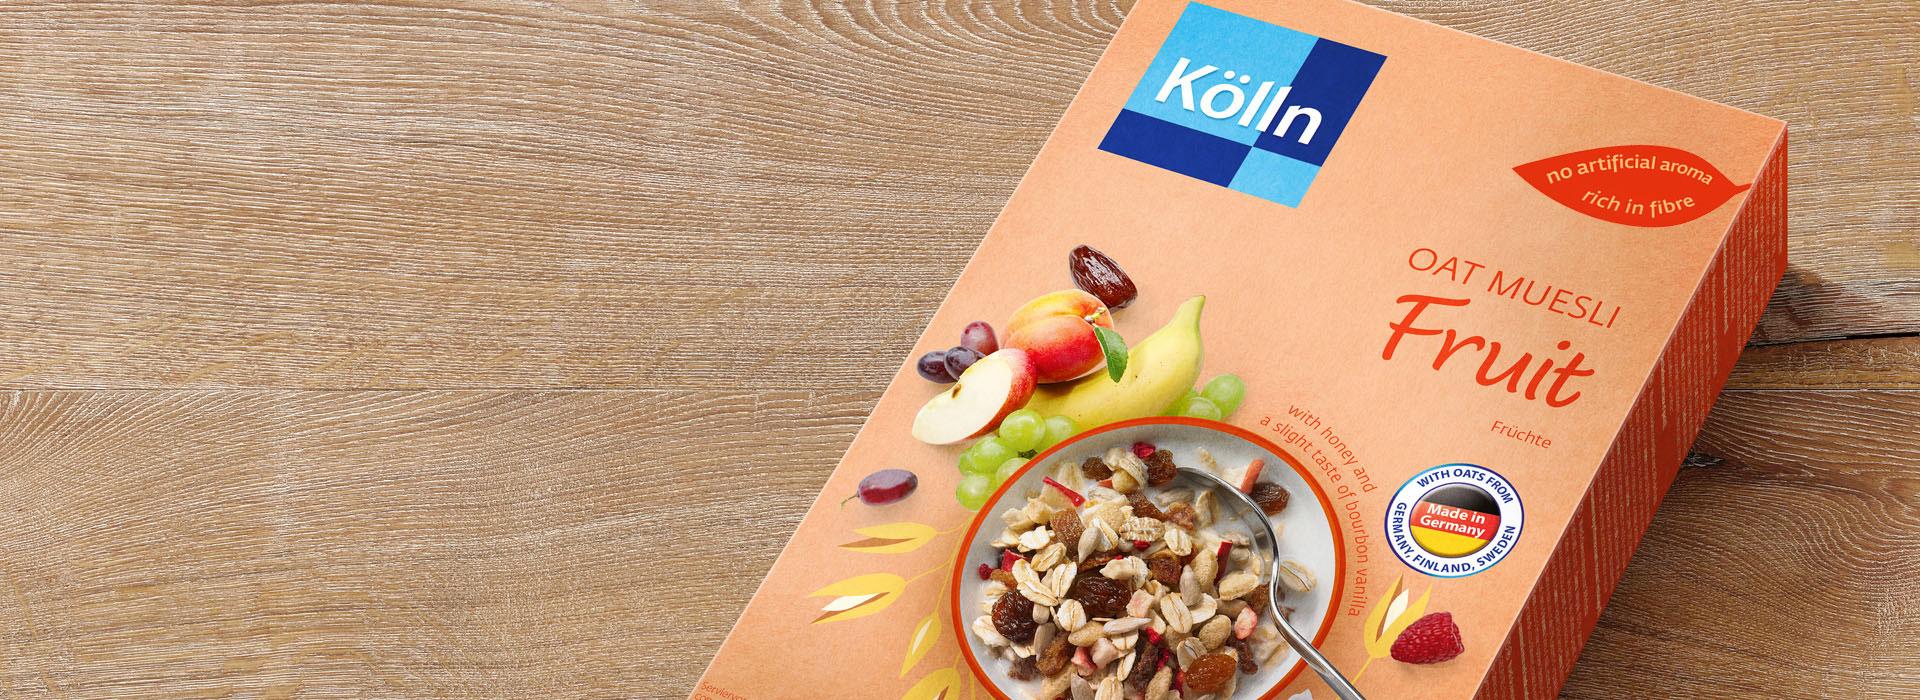 Koelln Oat Muesli Fruit Pack on Table